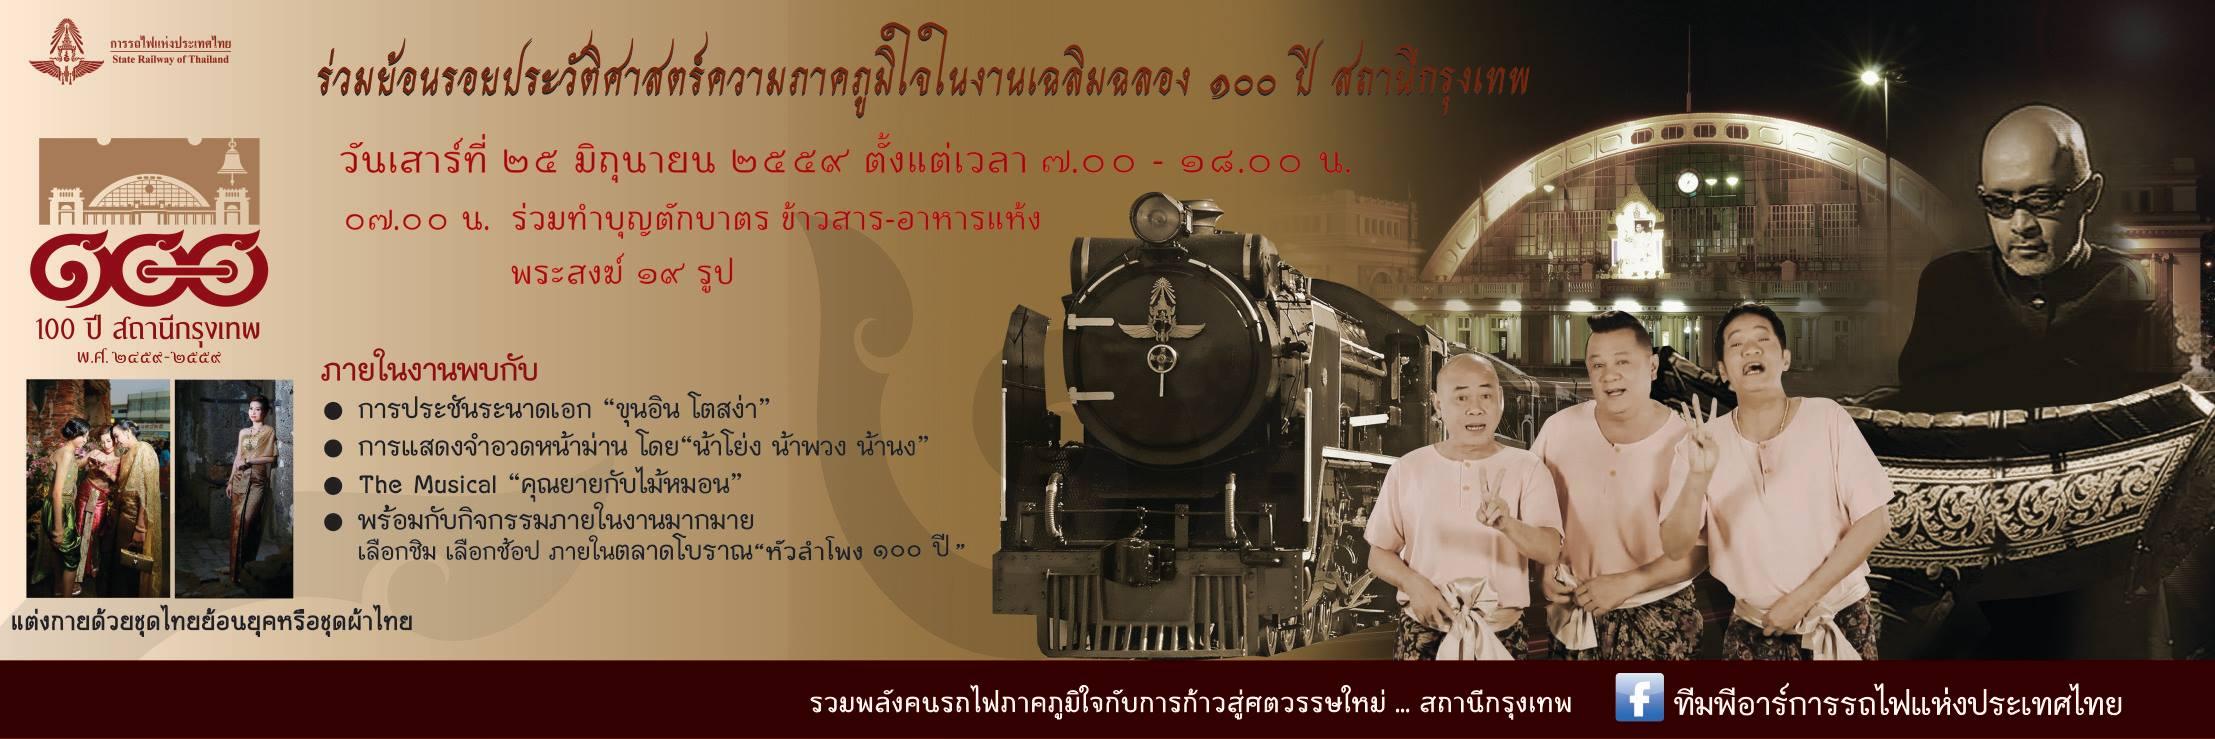 www.thaiguide.dk/images/forum/hua_lamphong_100_ar_3.jpg